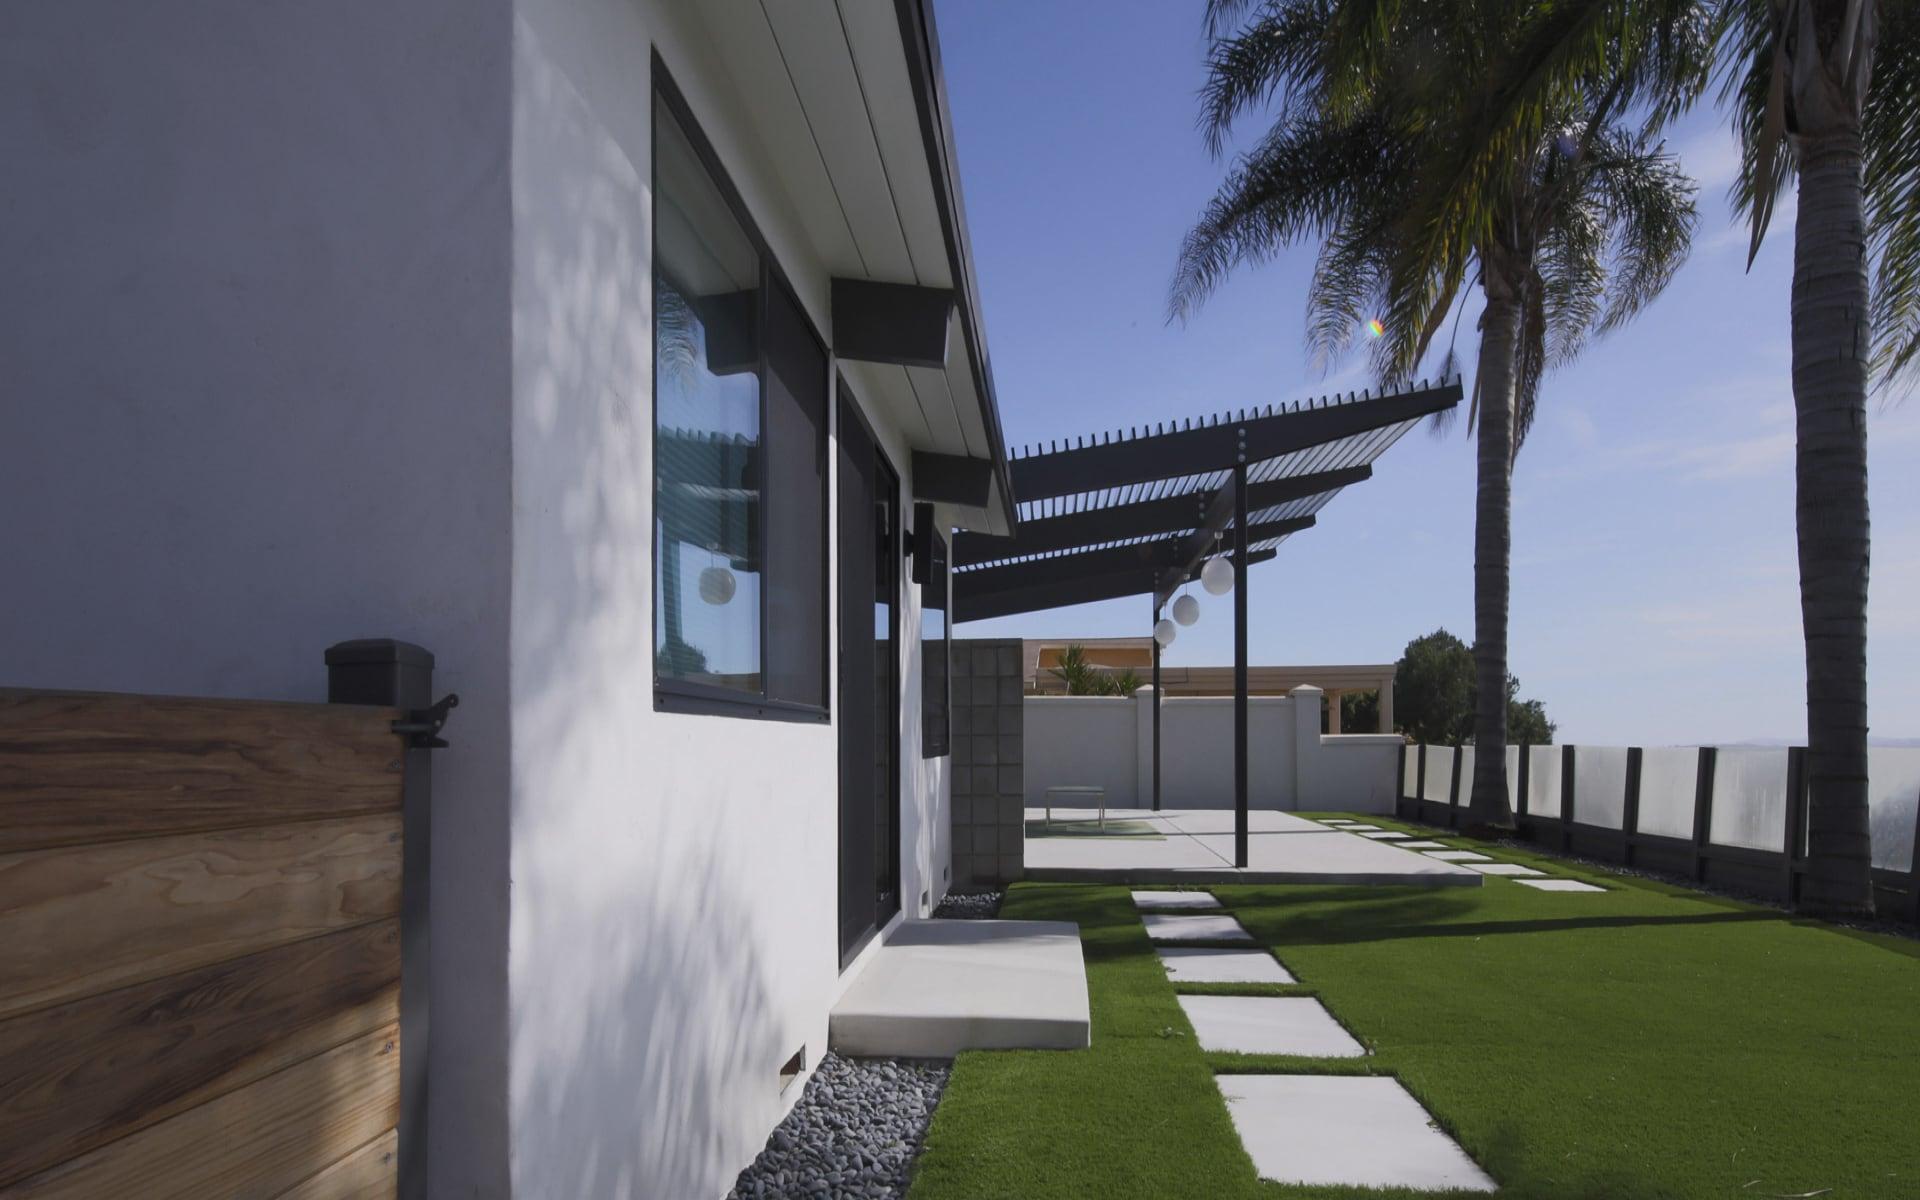 Modern Accessory Dwelling Unit in San Diego California